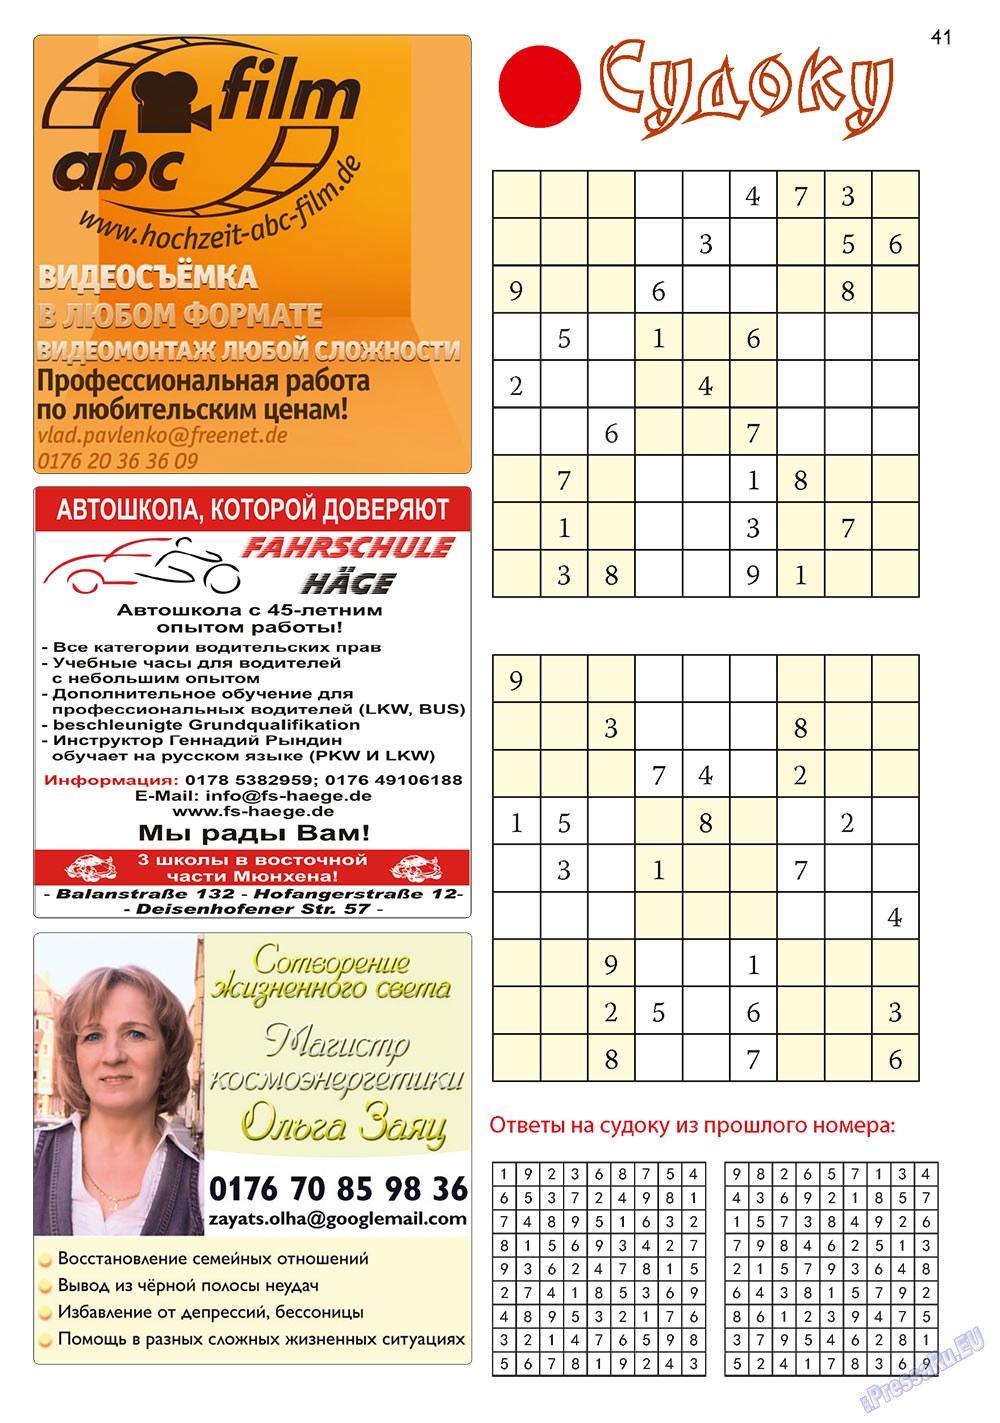 Апельсин (журнал). 2011 год, номер 22, стр. 41